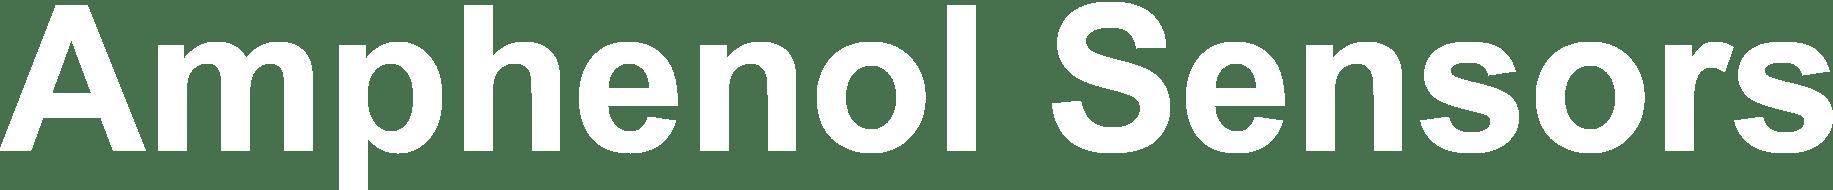 Amphenol Sensors Logo in white